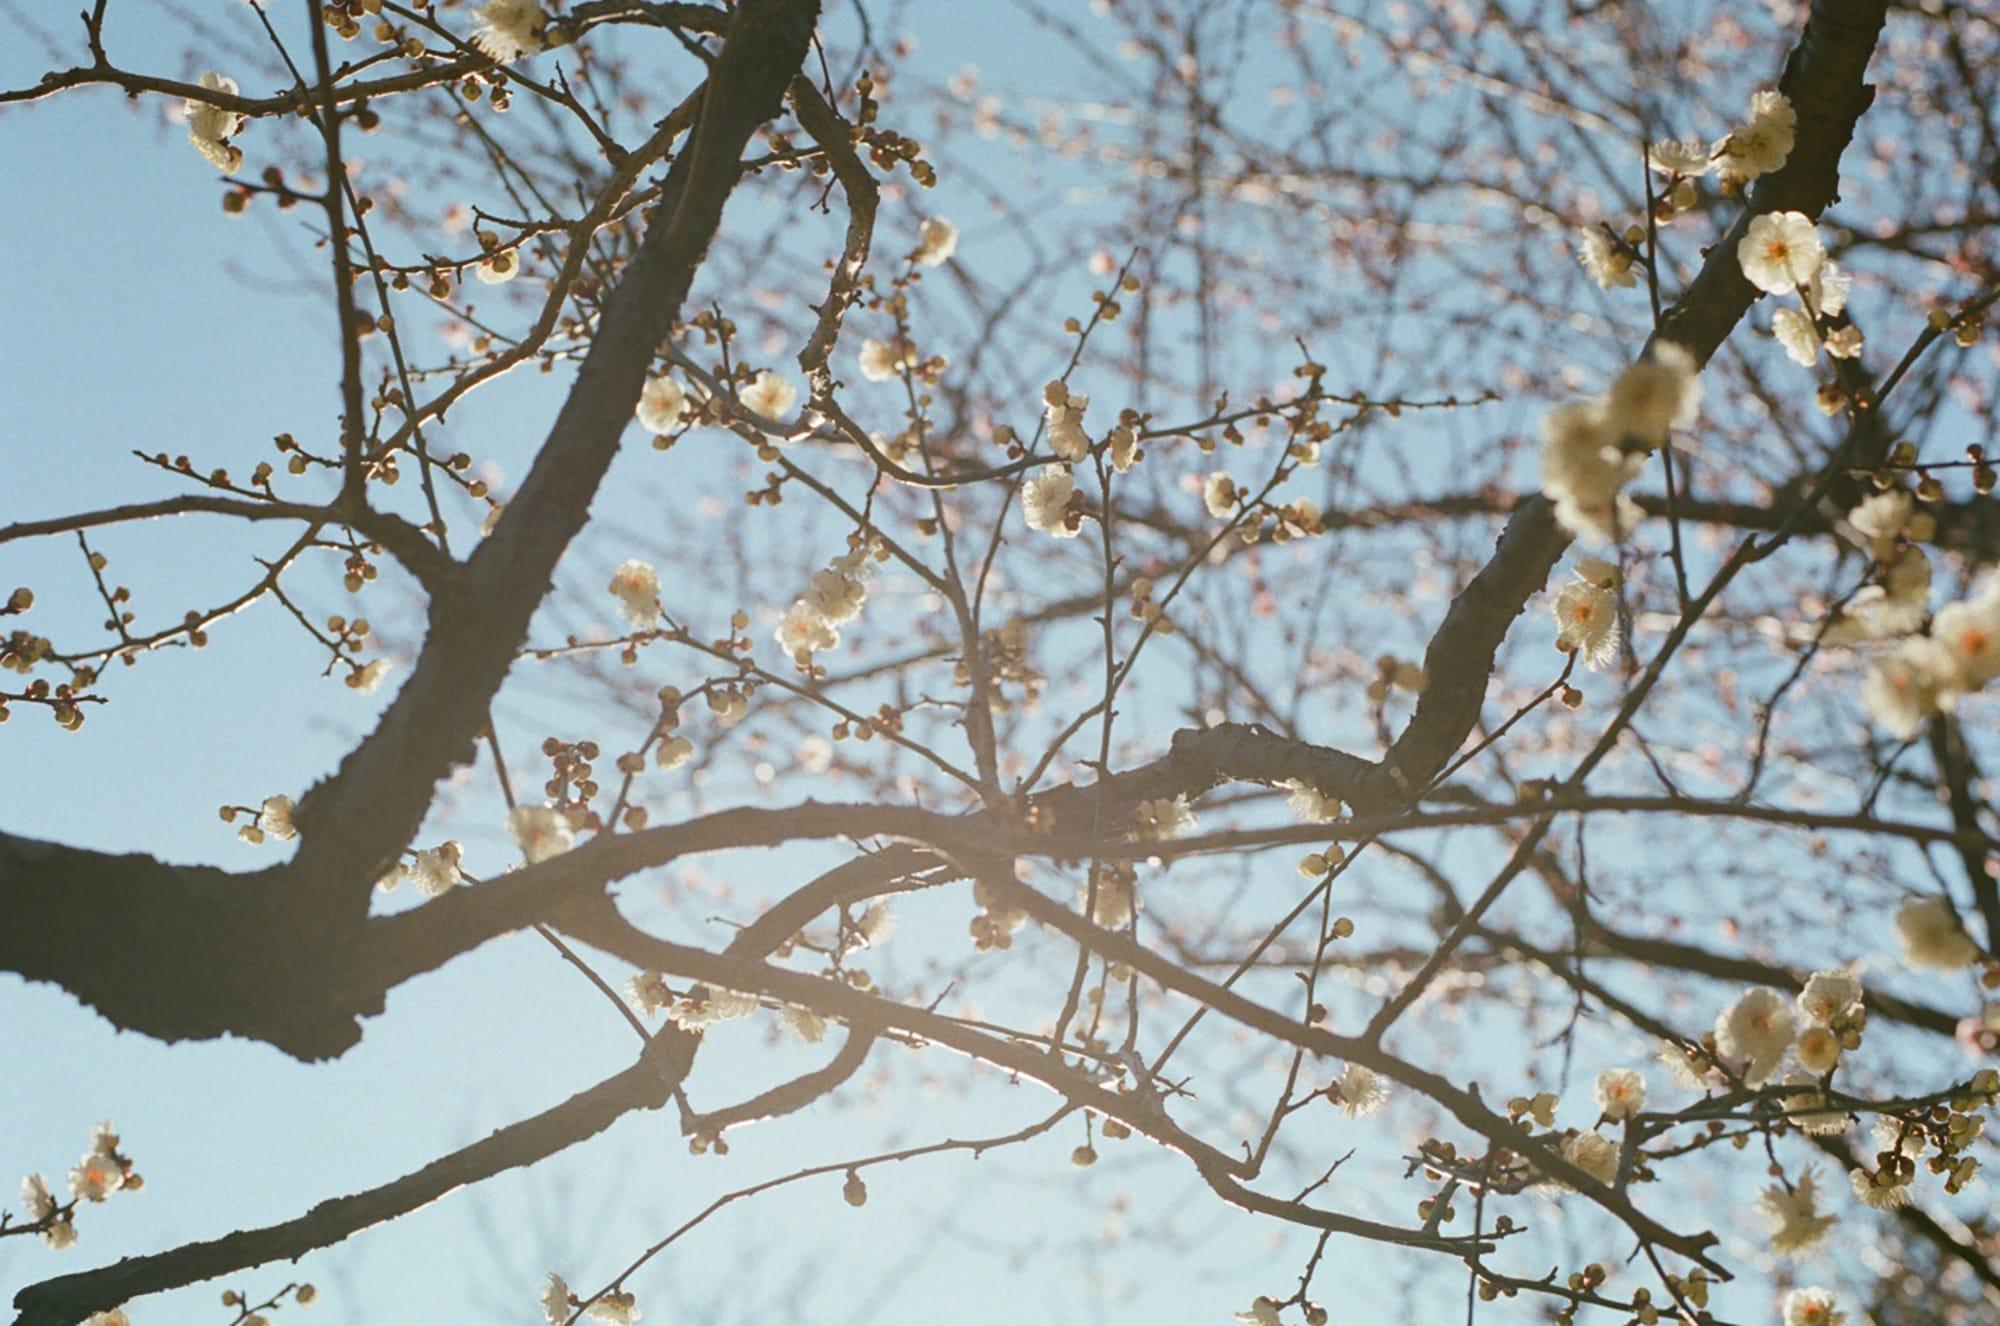 花がさいた木々